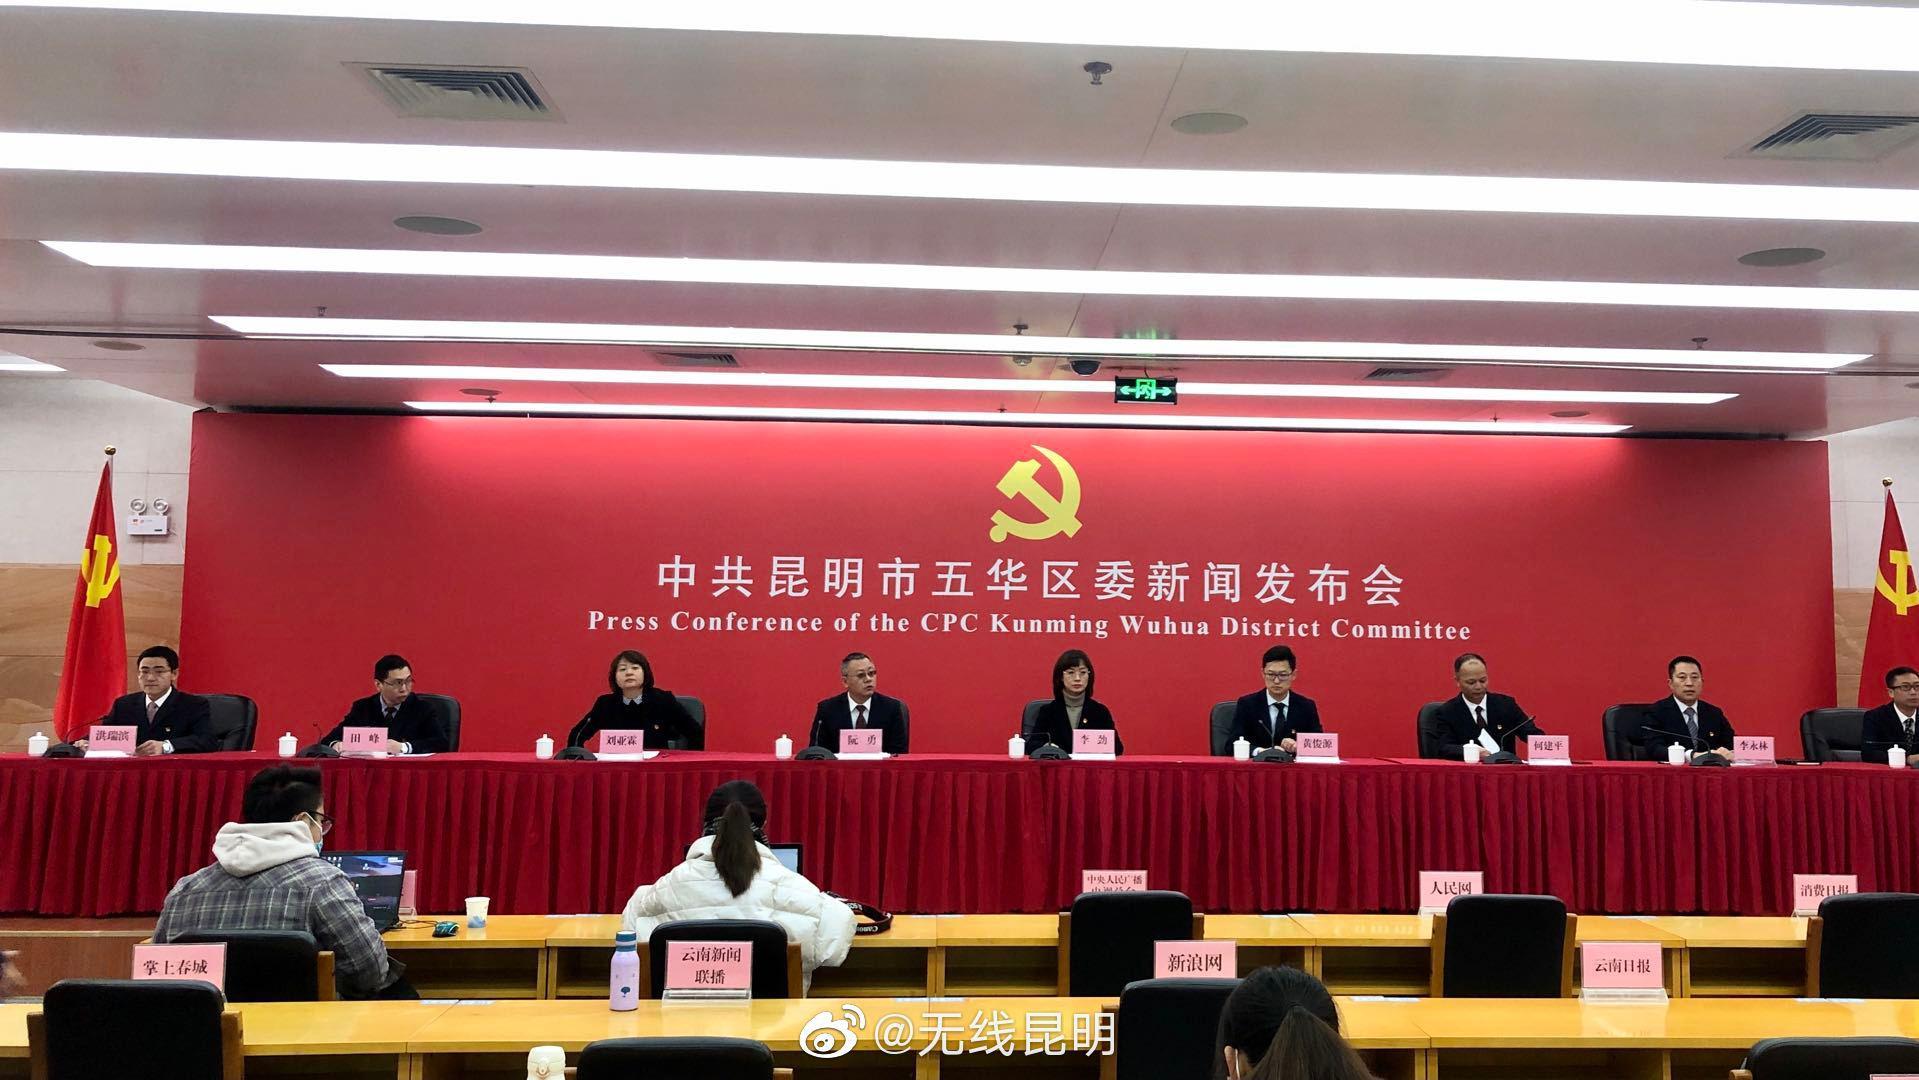 直播|中共昆明五华区委新闻发布会